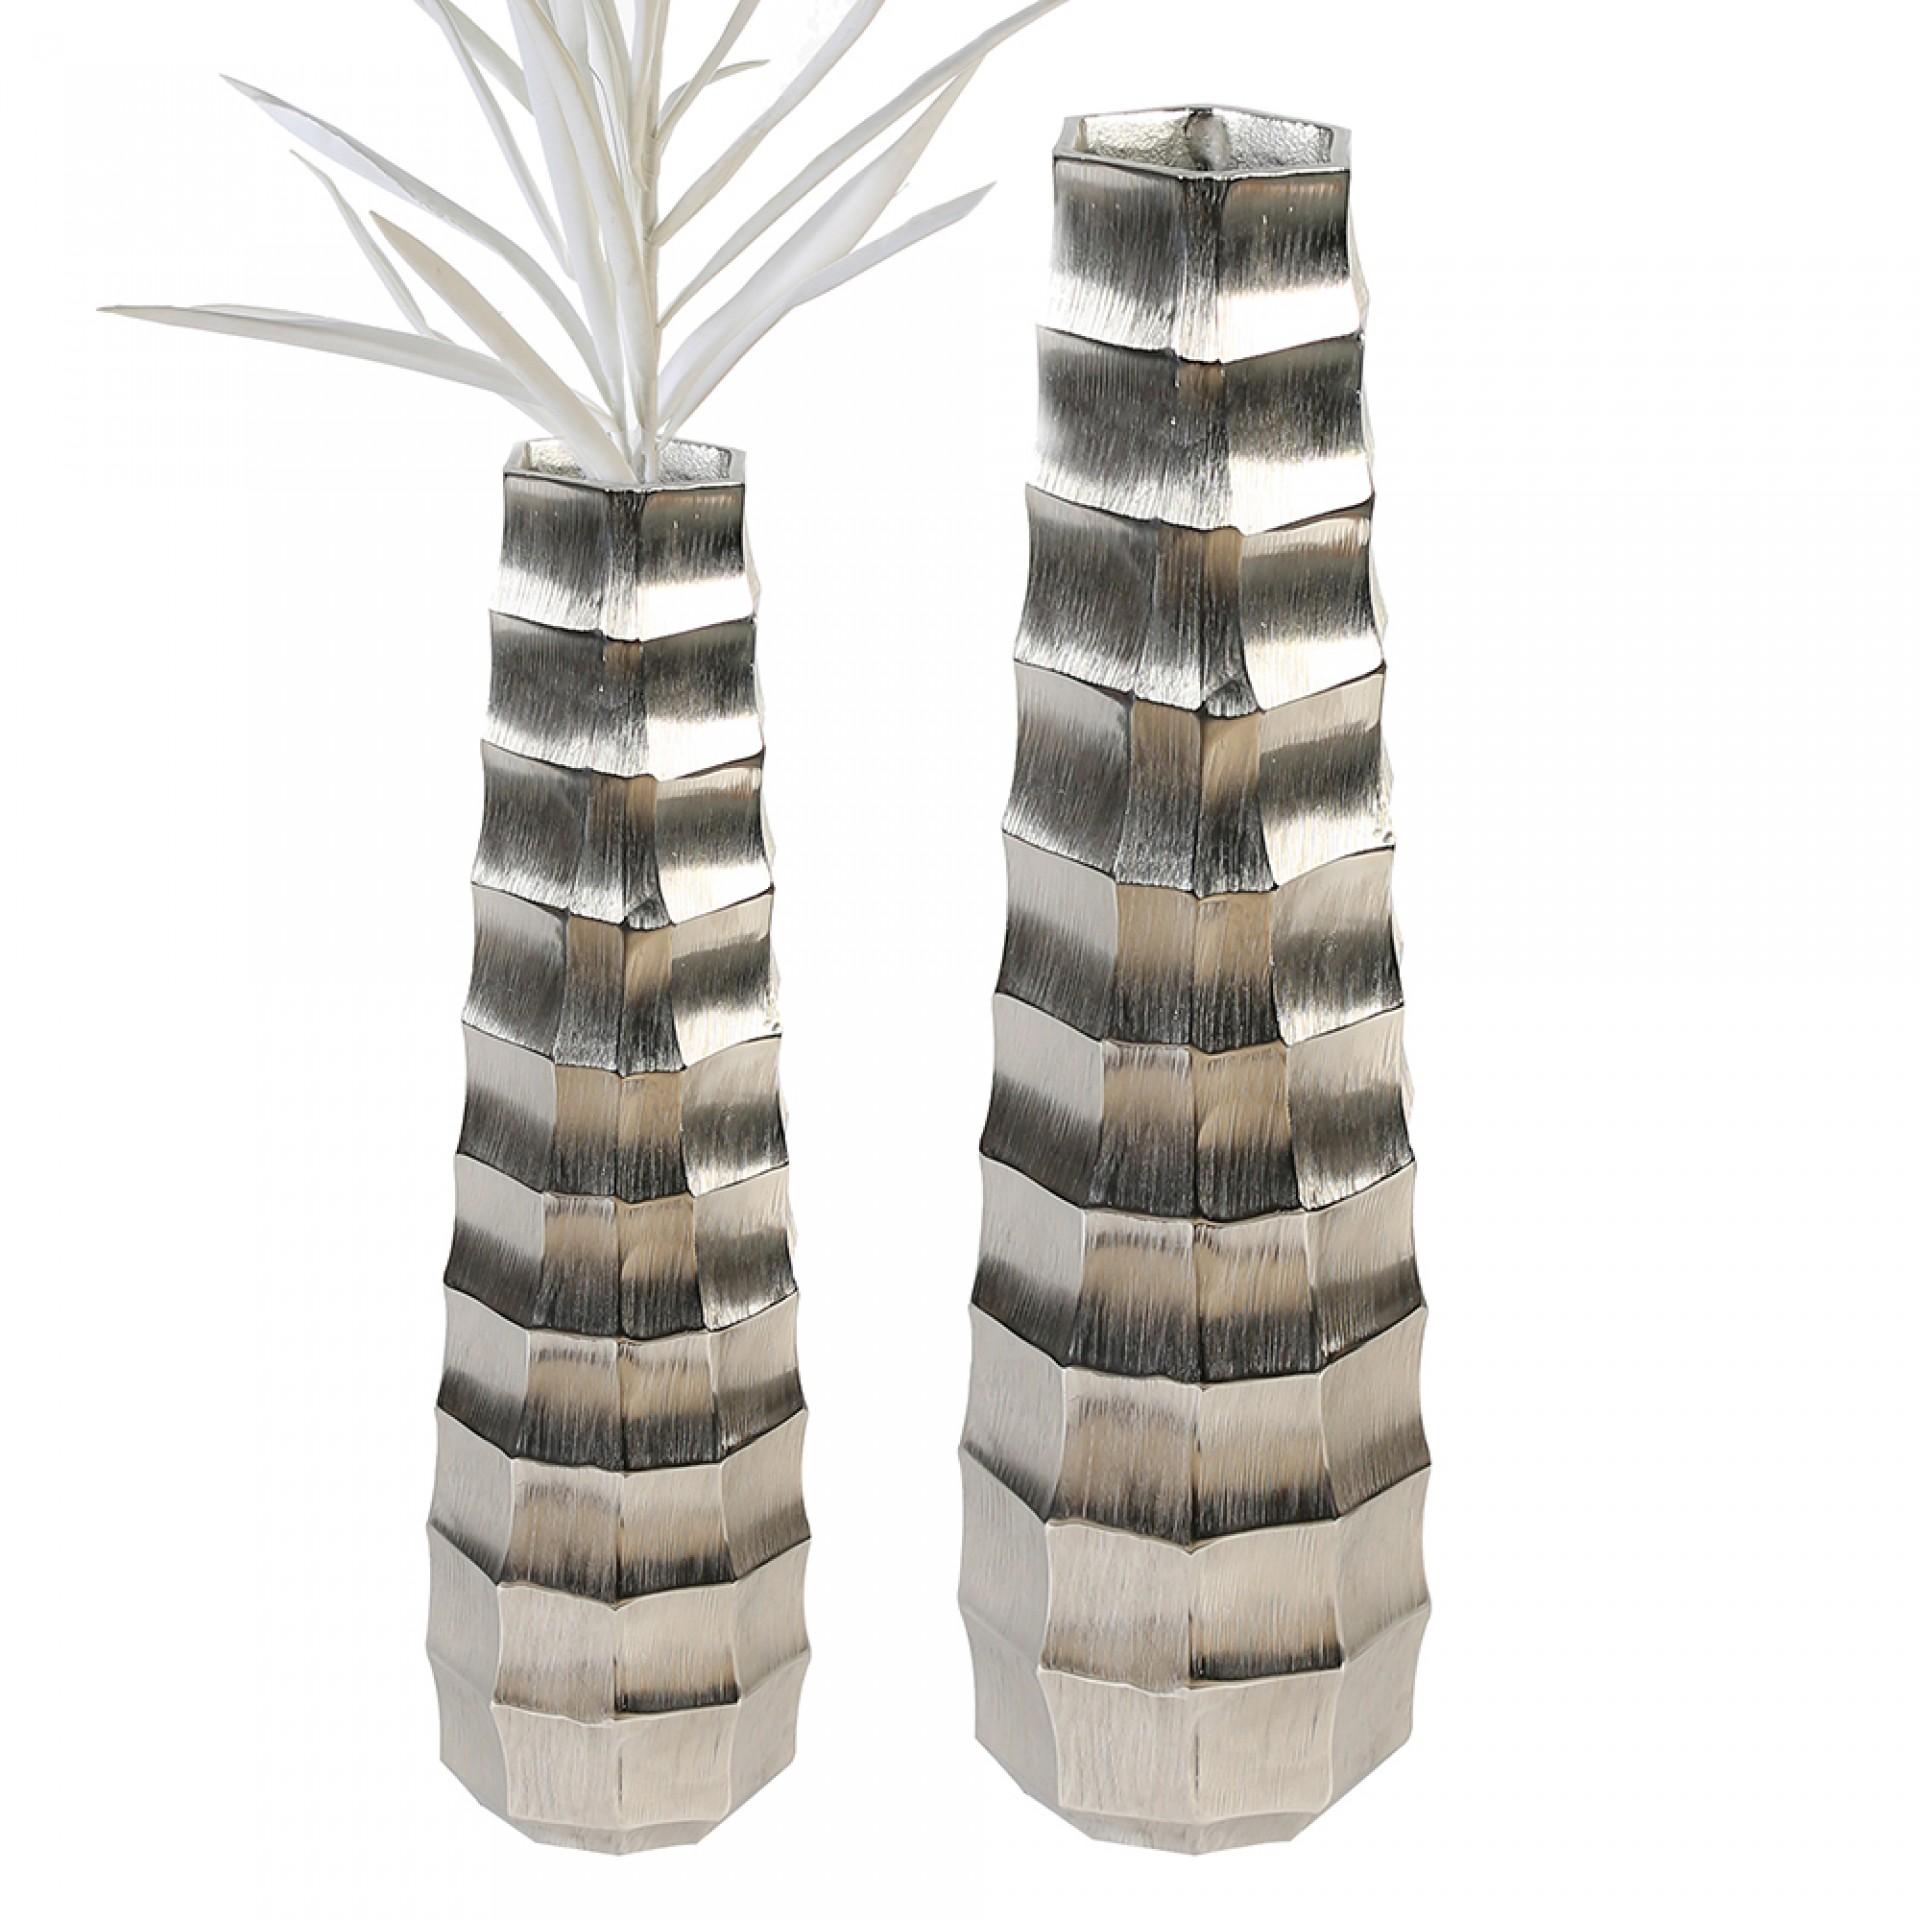 Hliníková váza Kronos, 58 cm